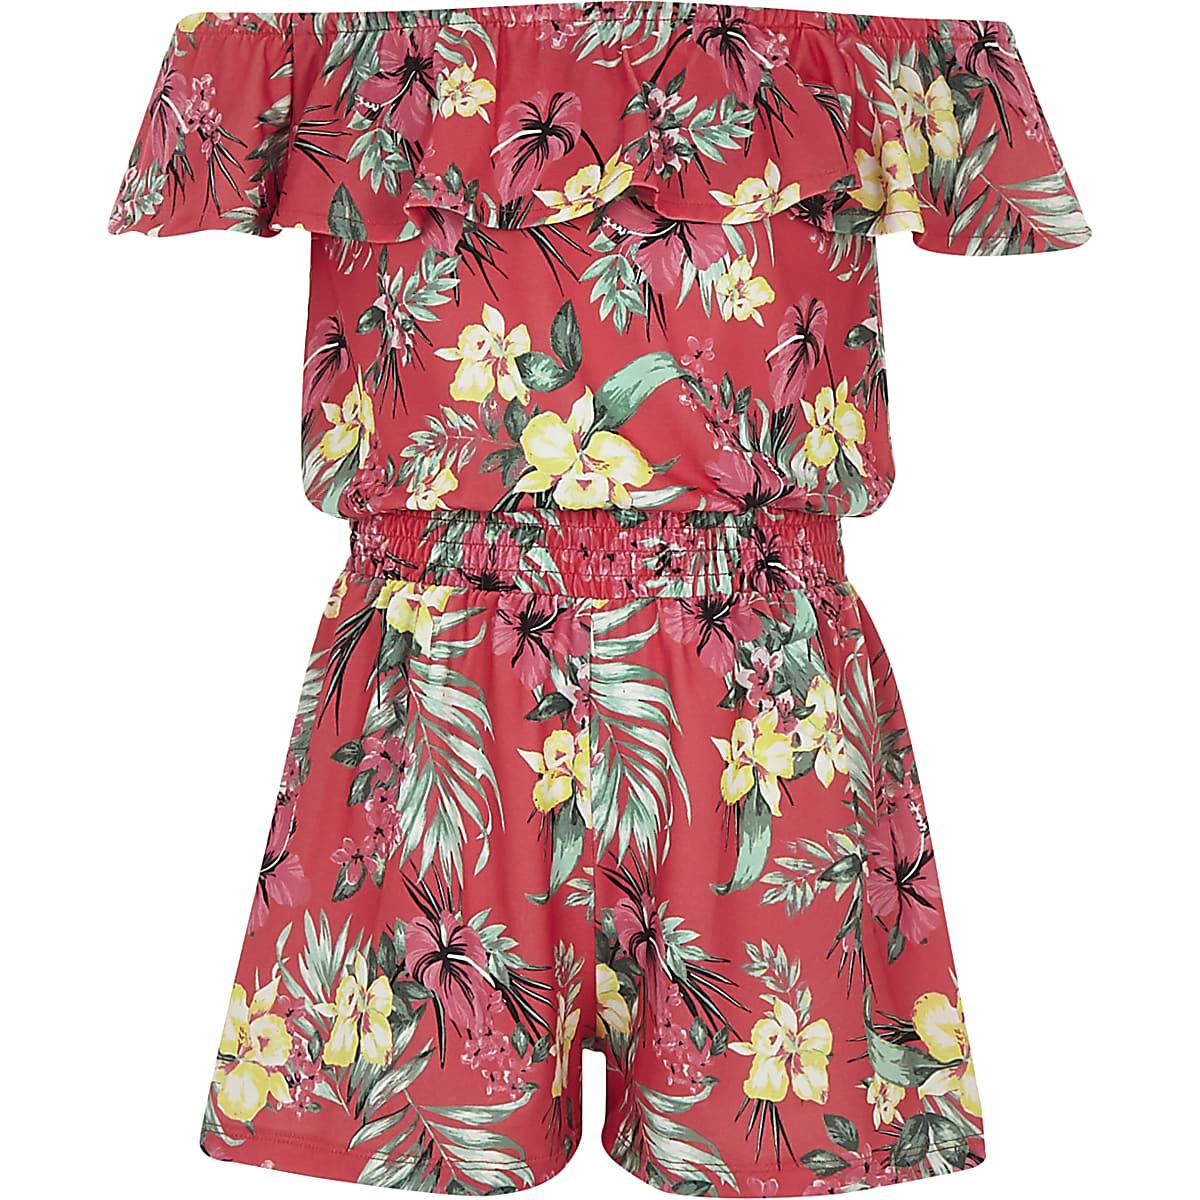 ae841a22b7809 Combi-short Bardot à motif tropical rose pour fille - Combi-shorts ...